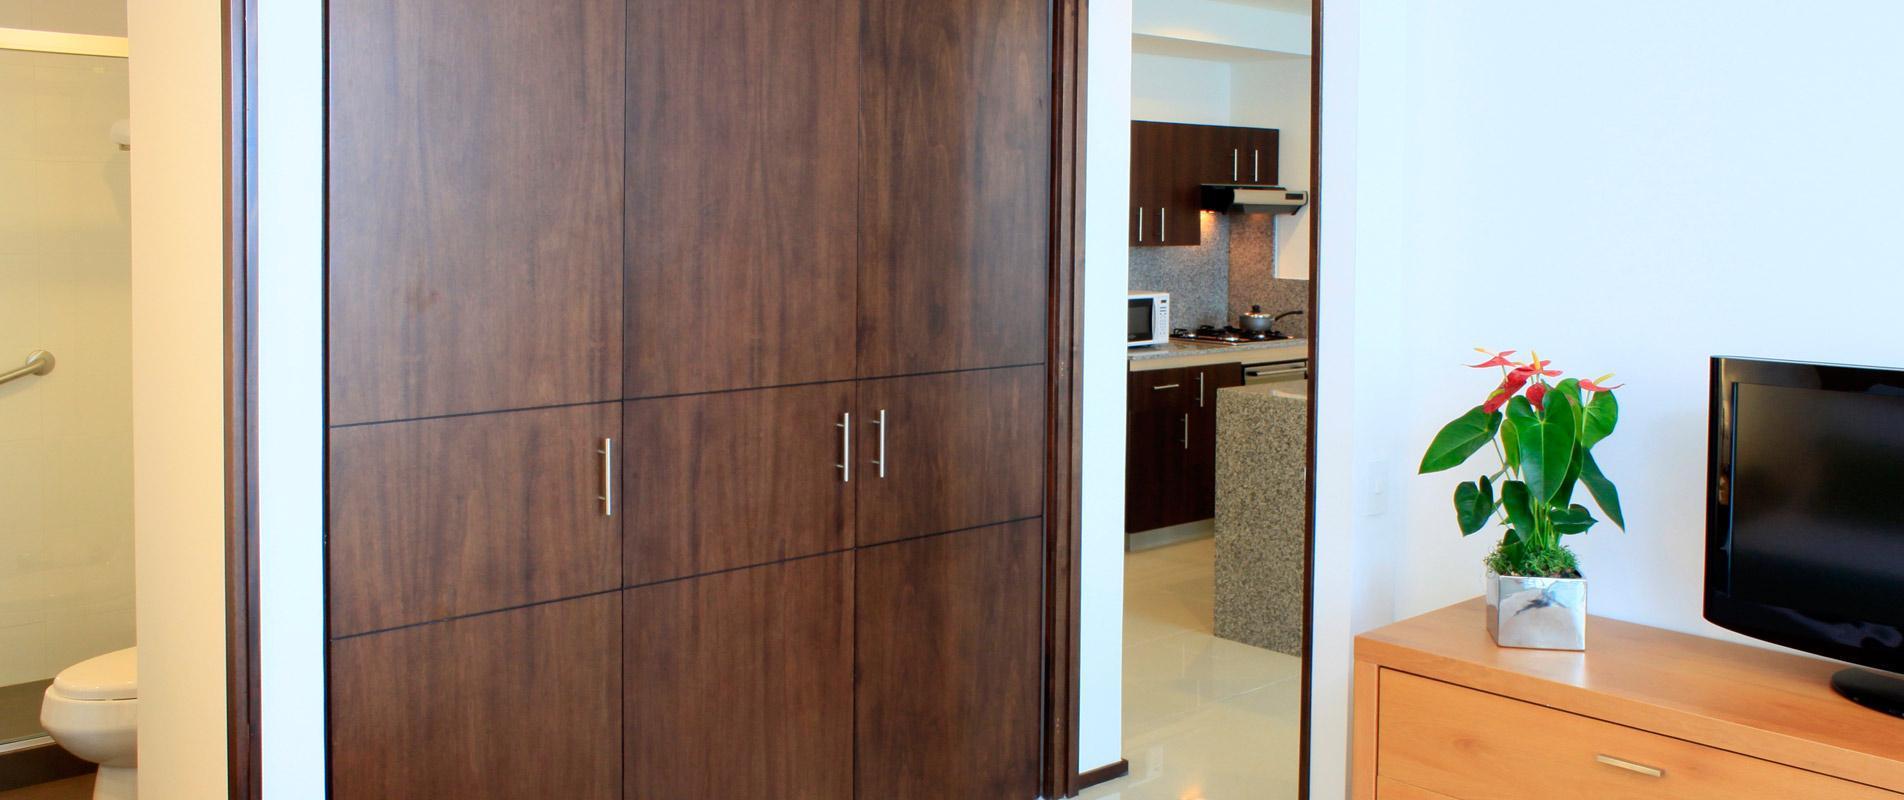 Room-Apartments-Barranquilla